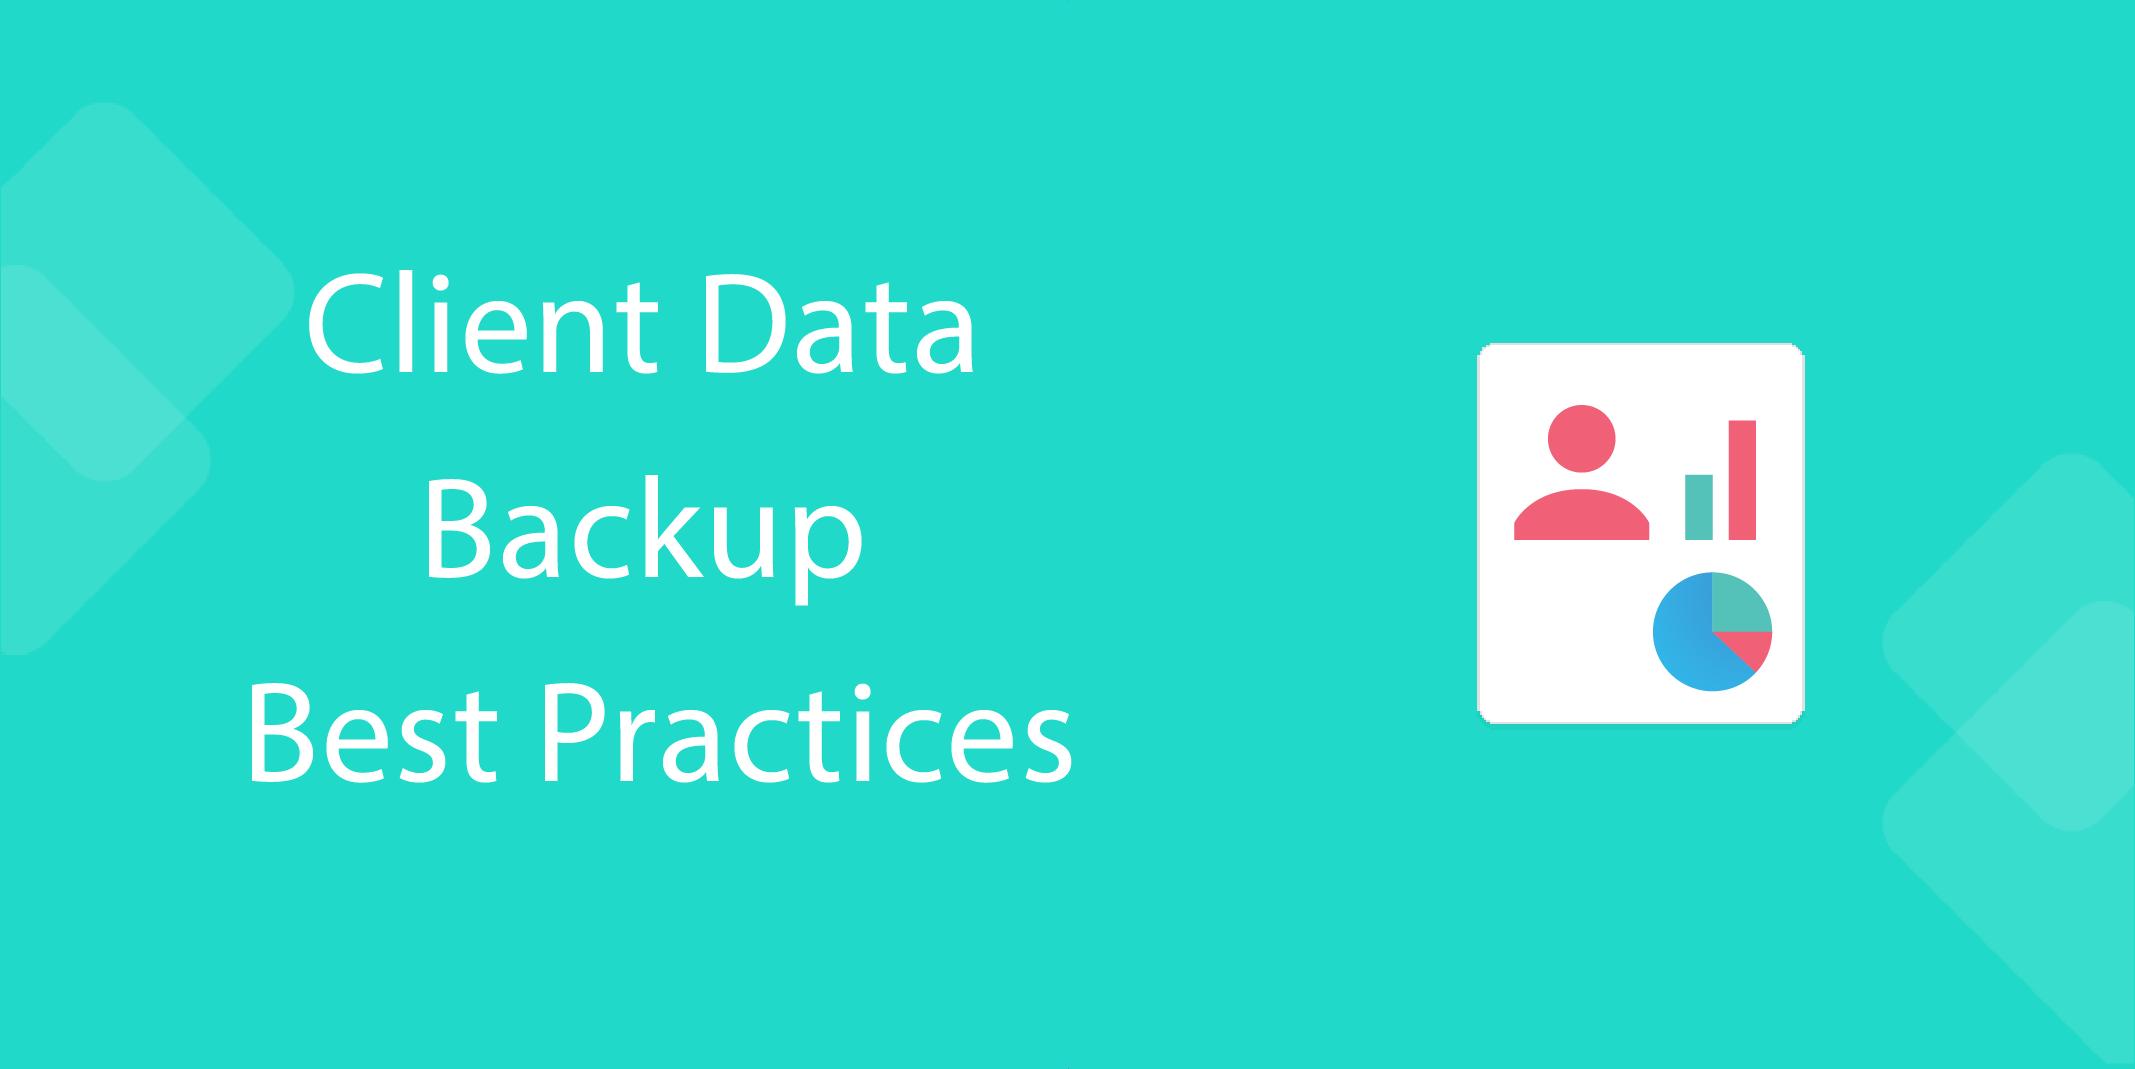 it processes - Client Data Backup Best Practices